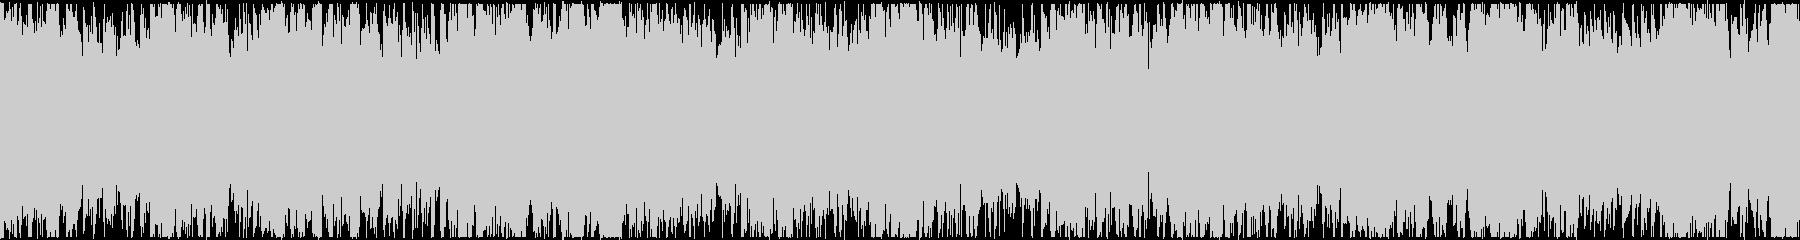 トロピカルhouse EDM Loopの未再生の波形